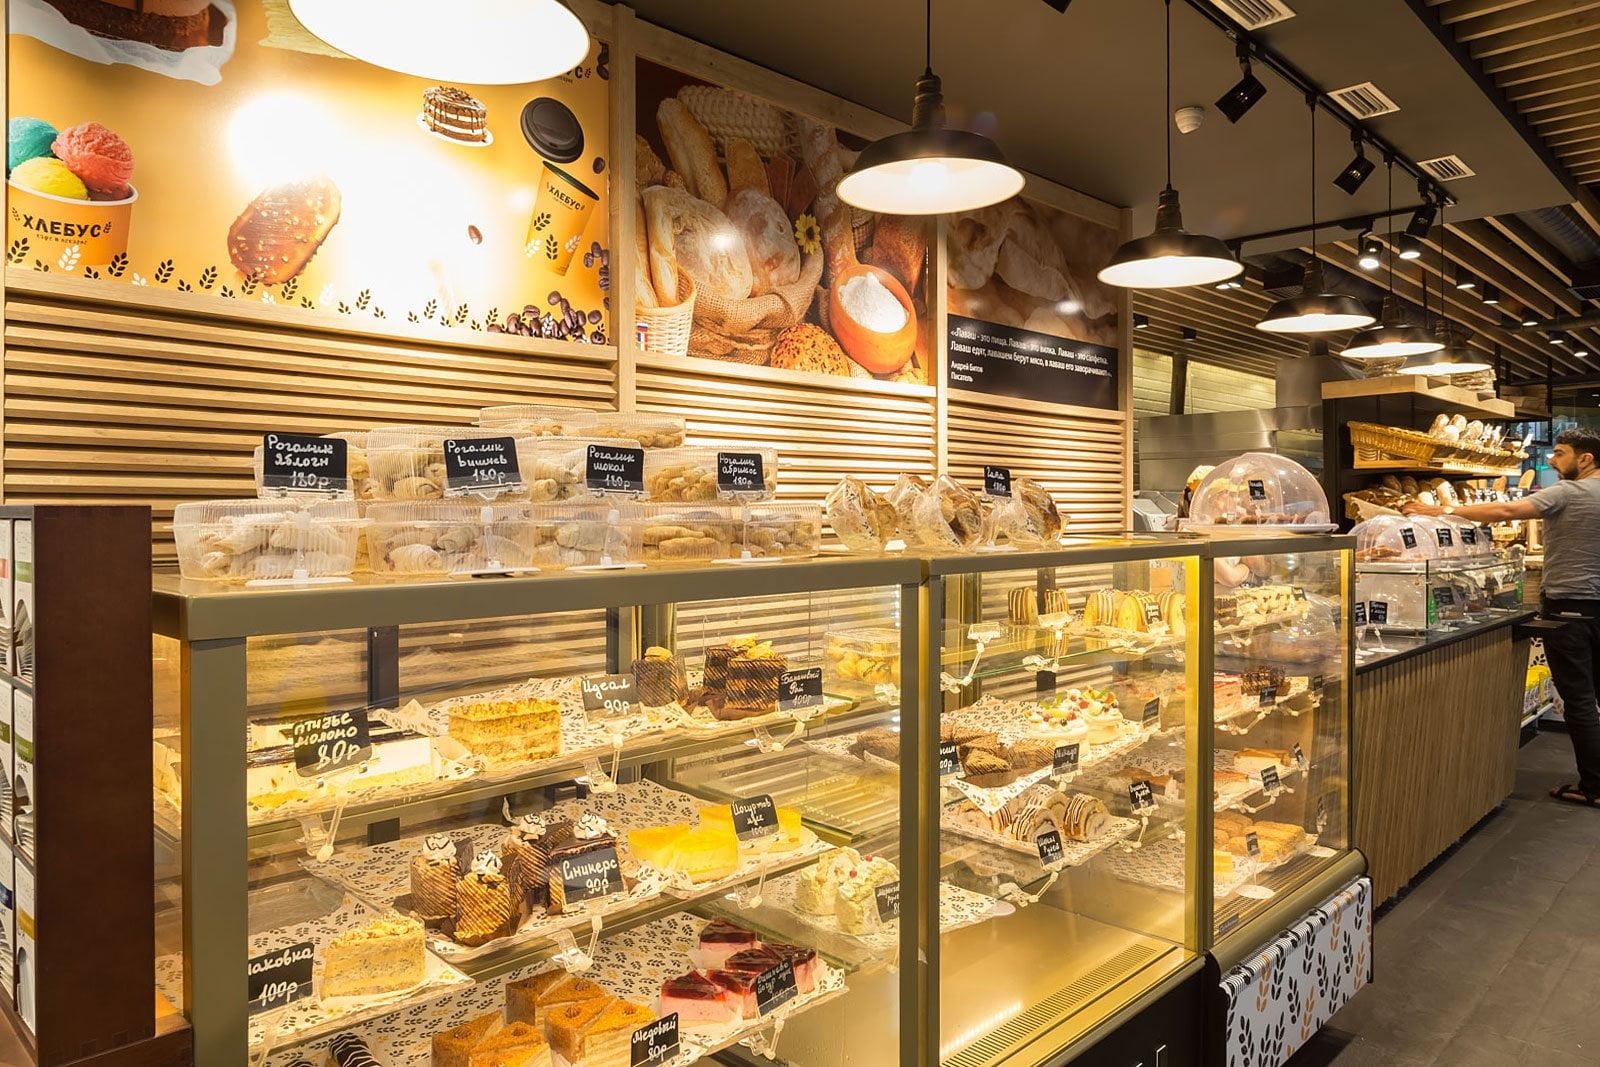 foto sprava vnutrennego inter'yera kafe v pekarne s prilavkami i vypechkoy